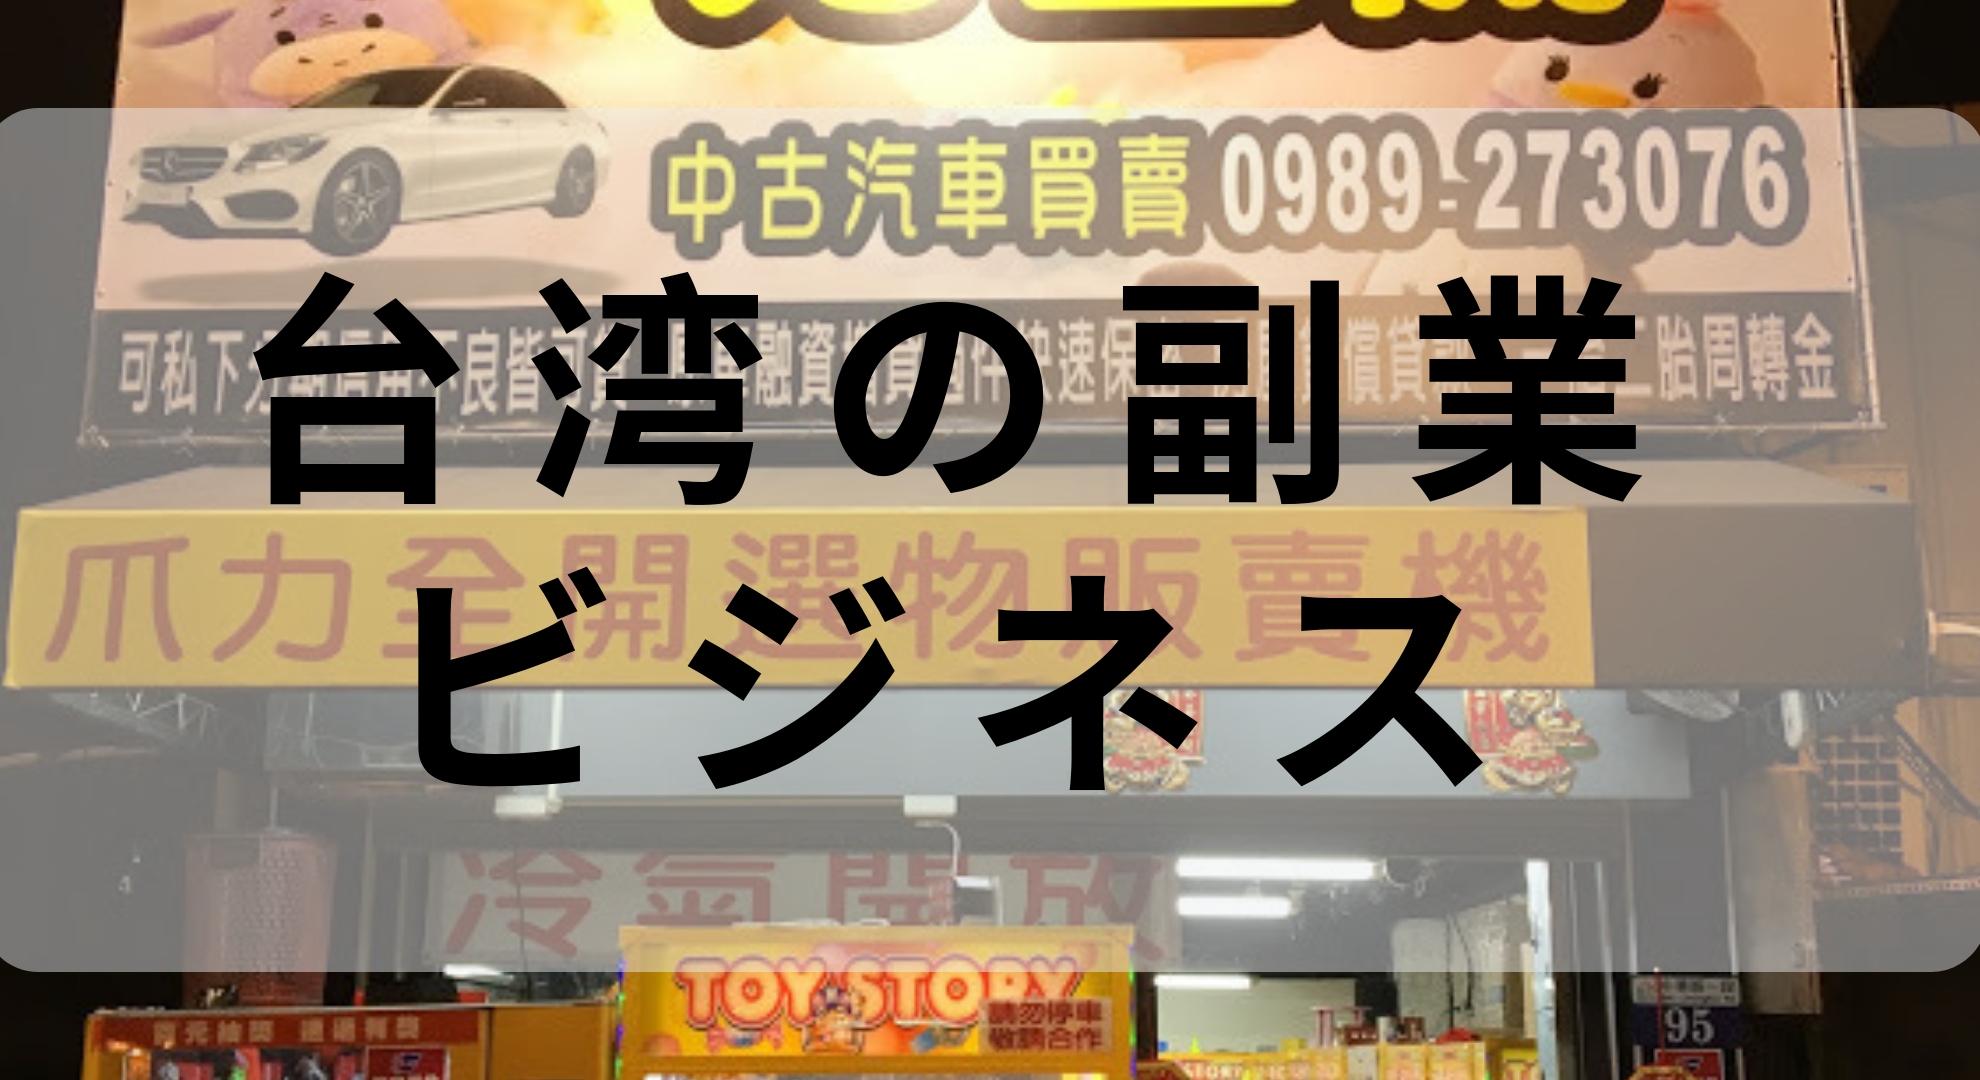 台湾クレーンゲームブーム終了?次の台湾副業ビジネス紹介します。